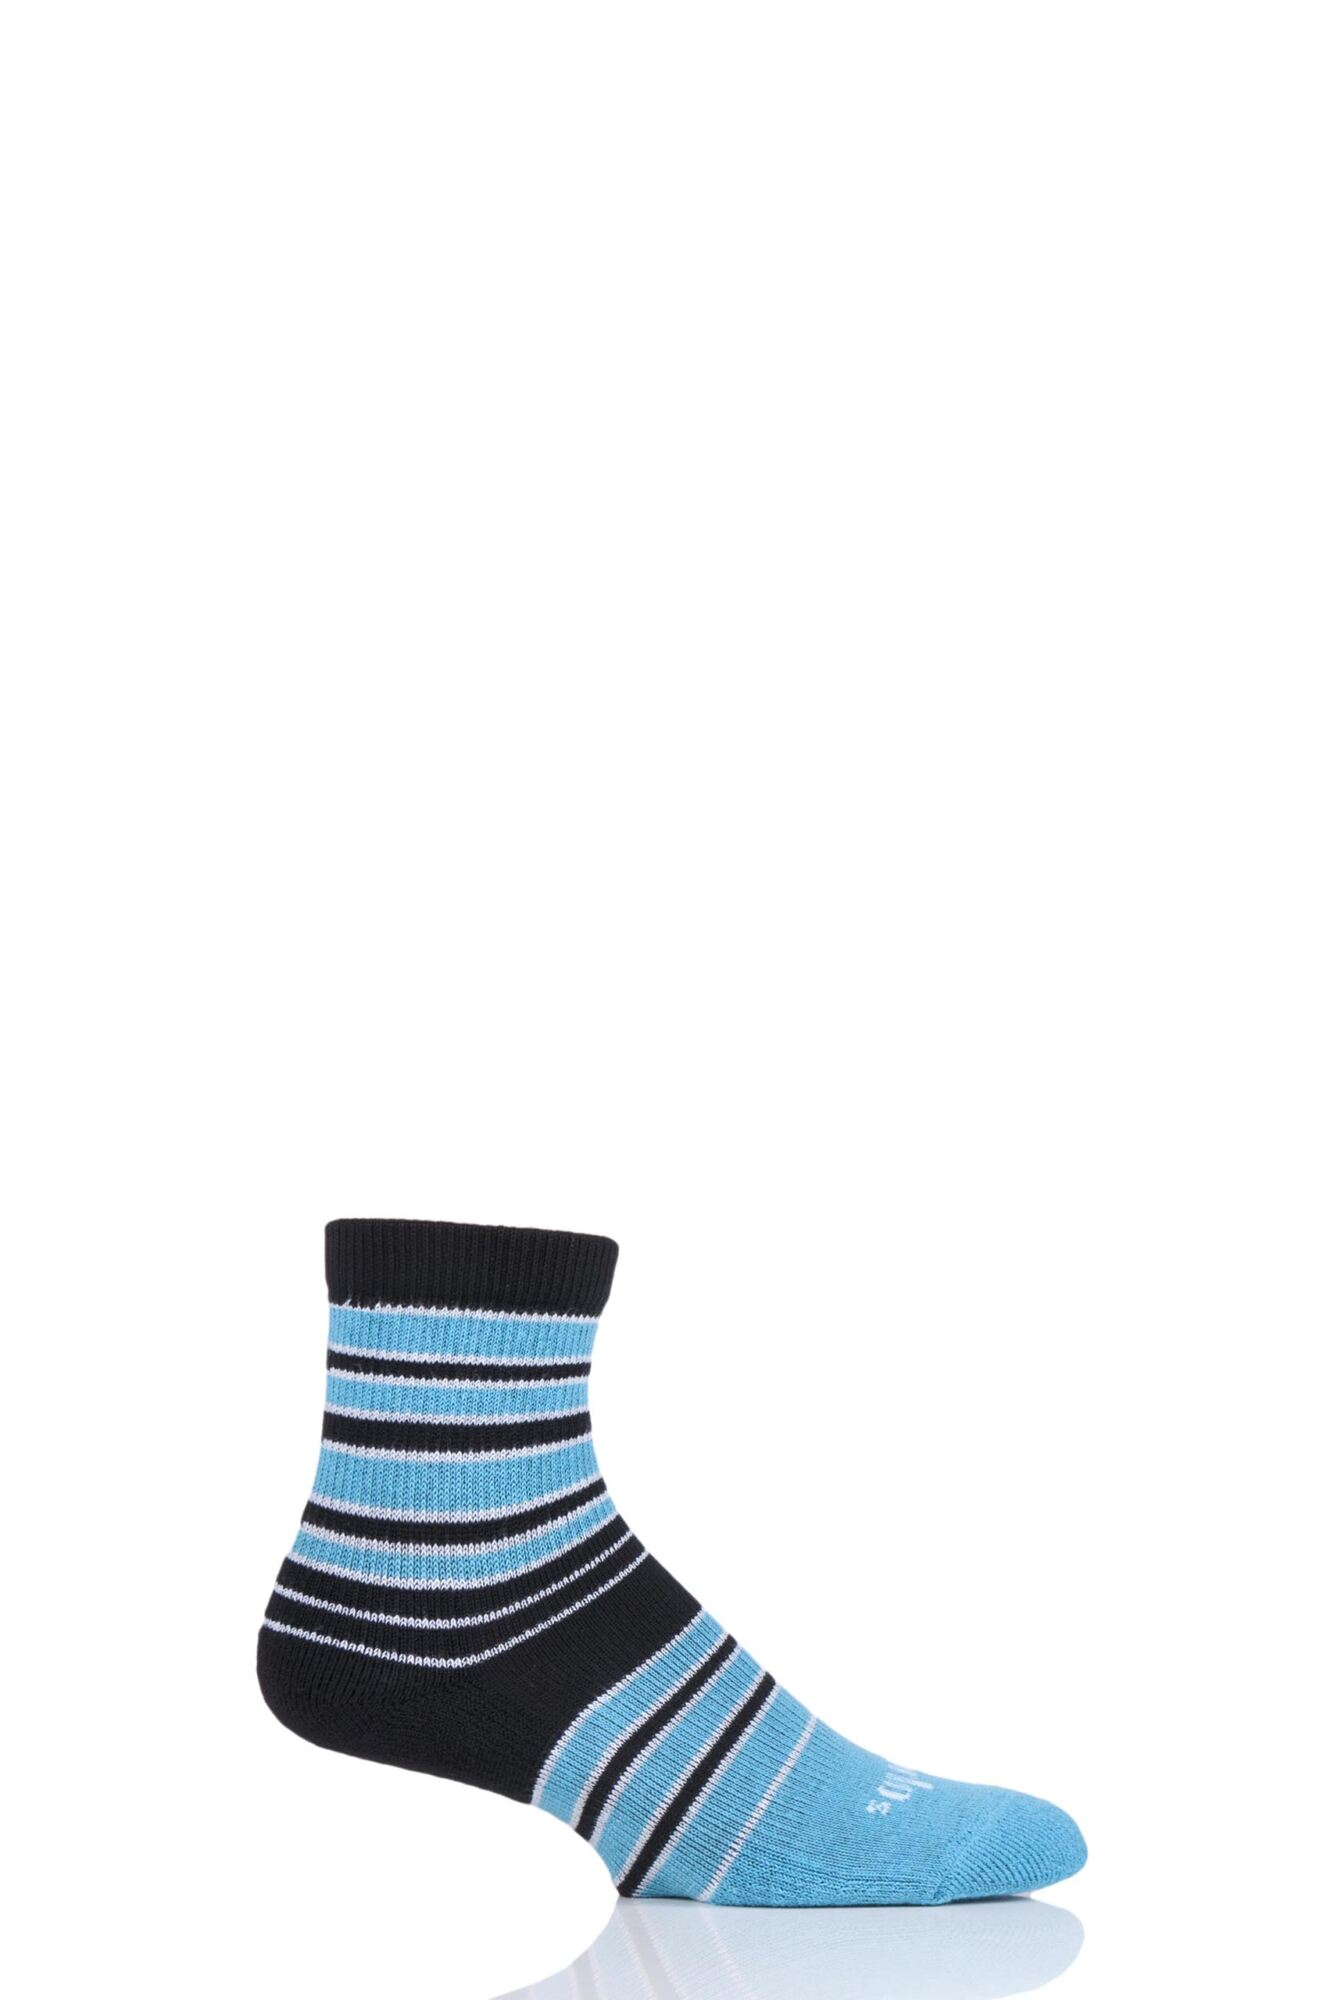 1 Pair Striped Quarter Socks Unisex - Thorlos